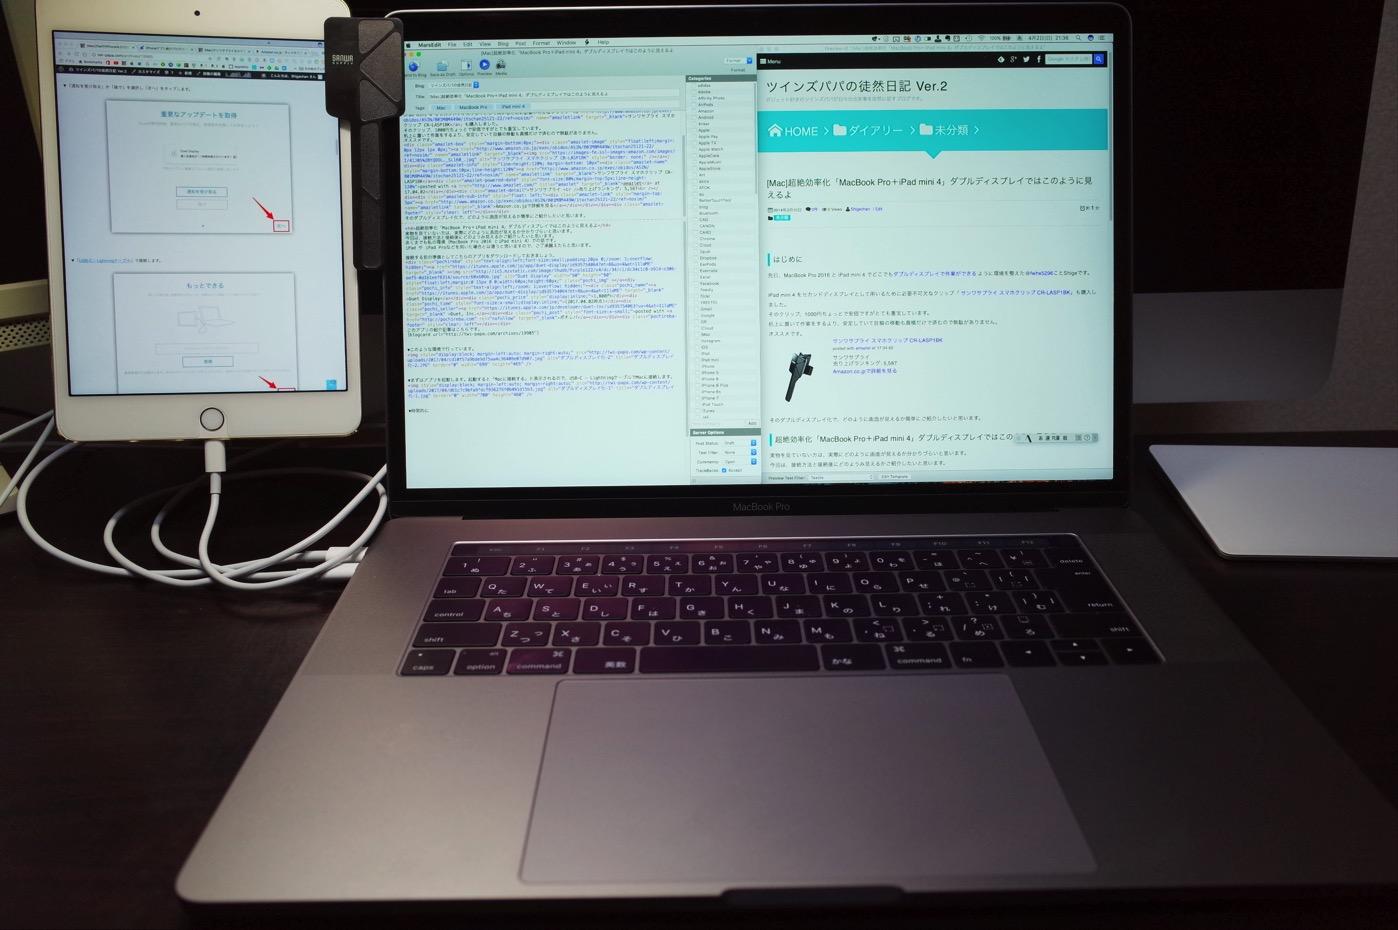 [Mac]超絶効率化「MacBook Pro+iPad mini 4」ダブルディスプレイではこのように見えるよ